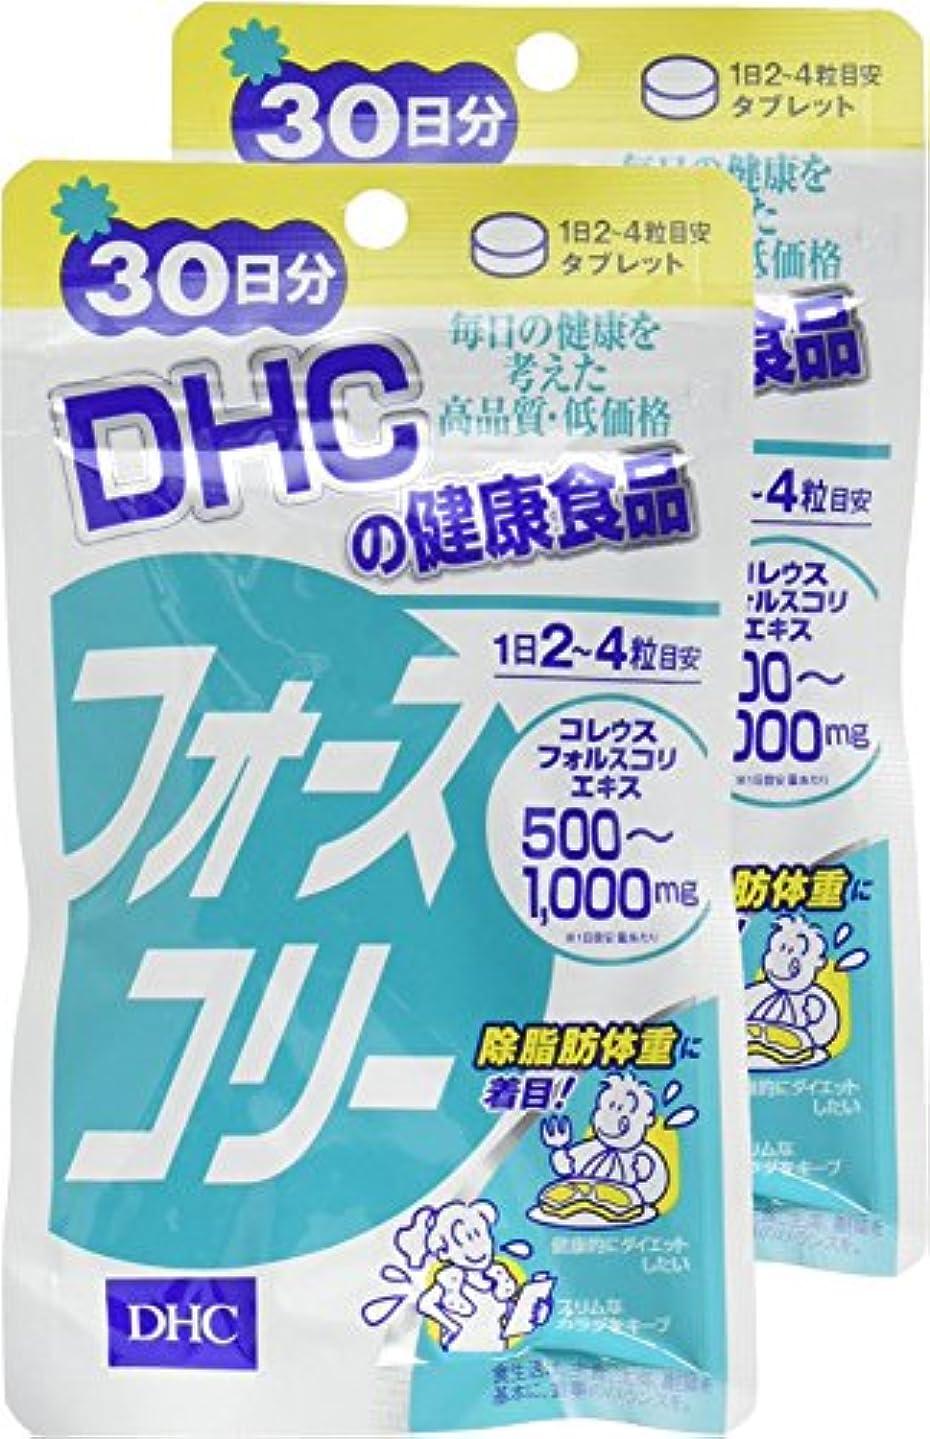 パンチ折る原始的なDHC フォースコリー 30日分 120粒 ×2個セット